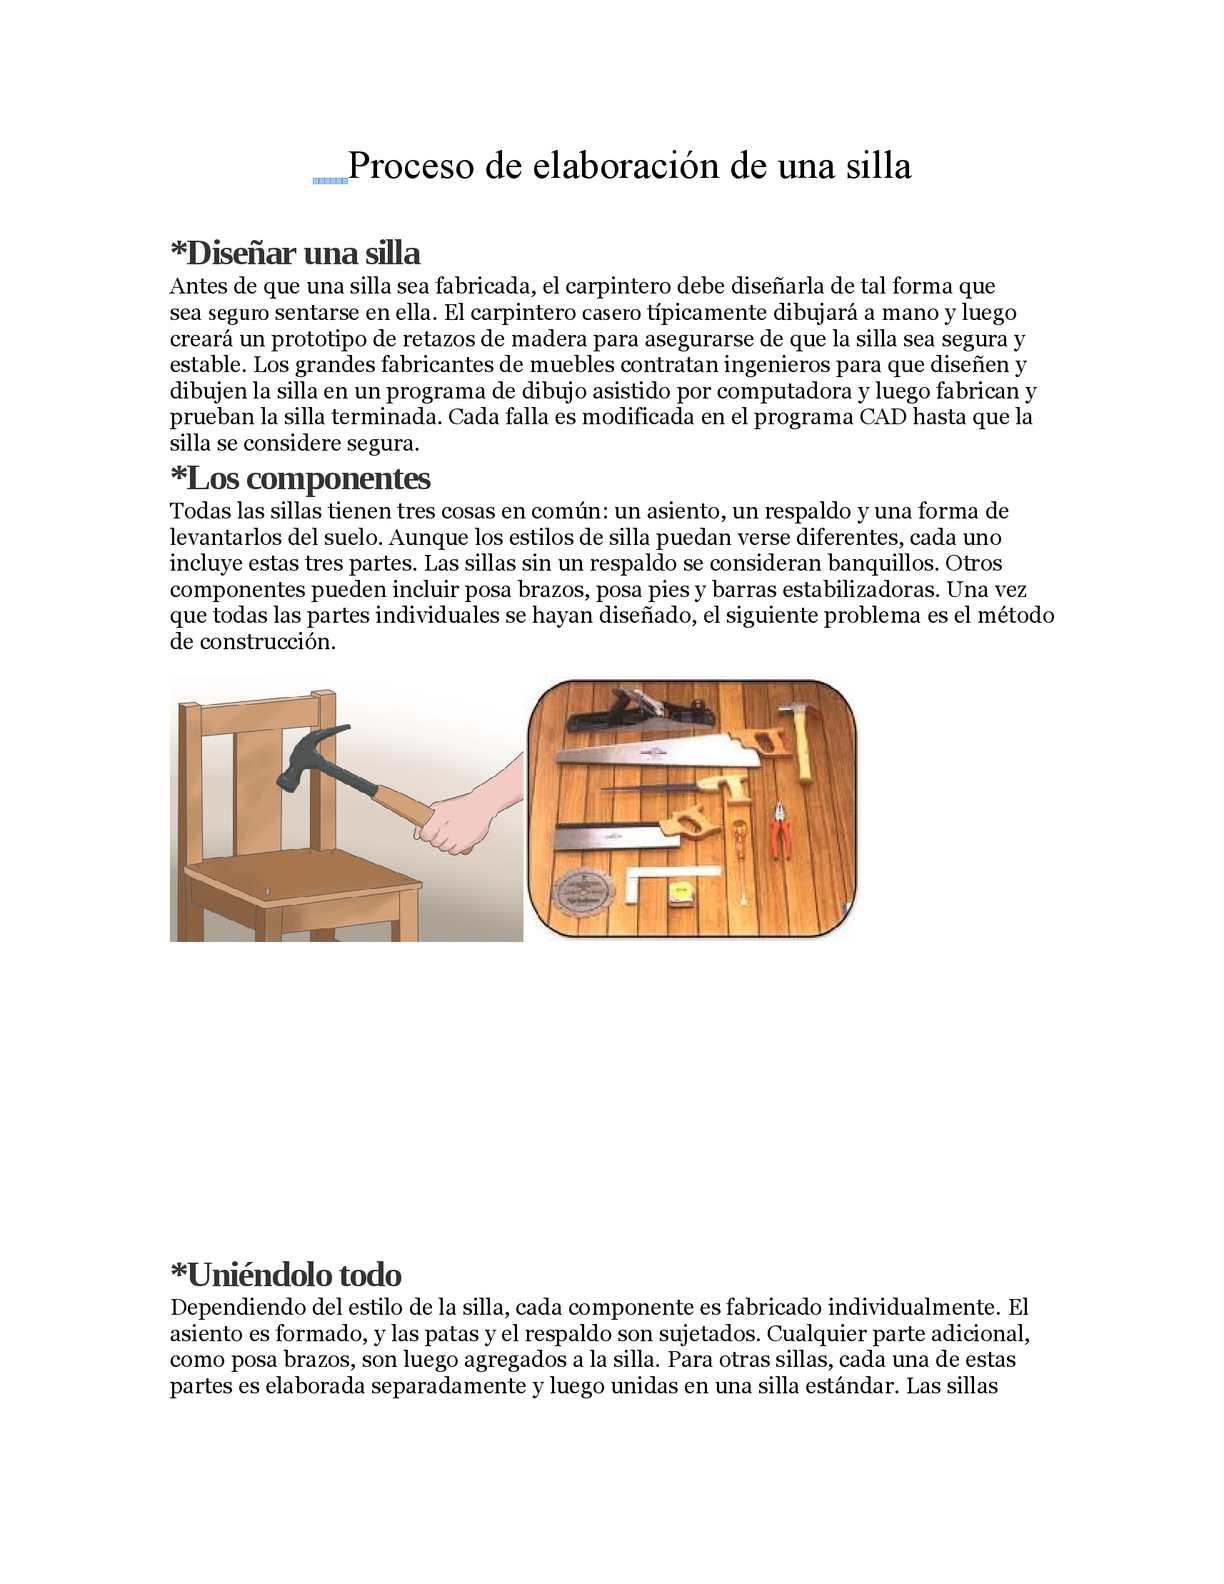 Calam o proceso de elaboraci n de una silla for Programa para disenar muebles de madera